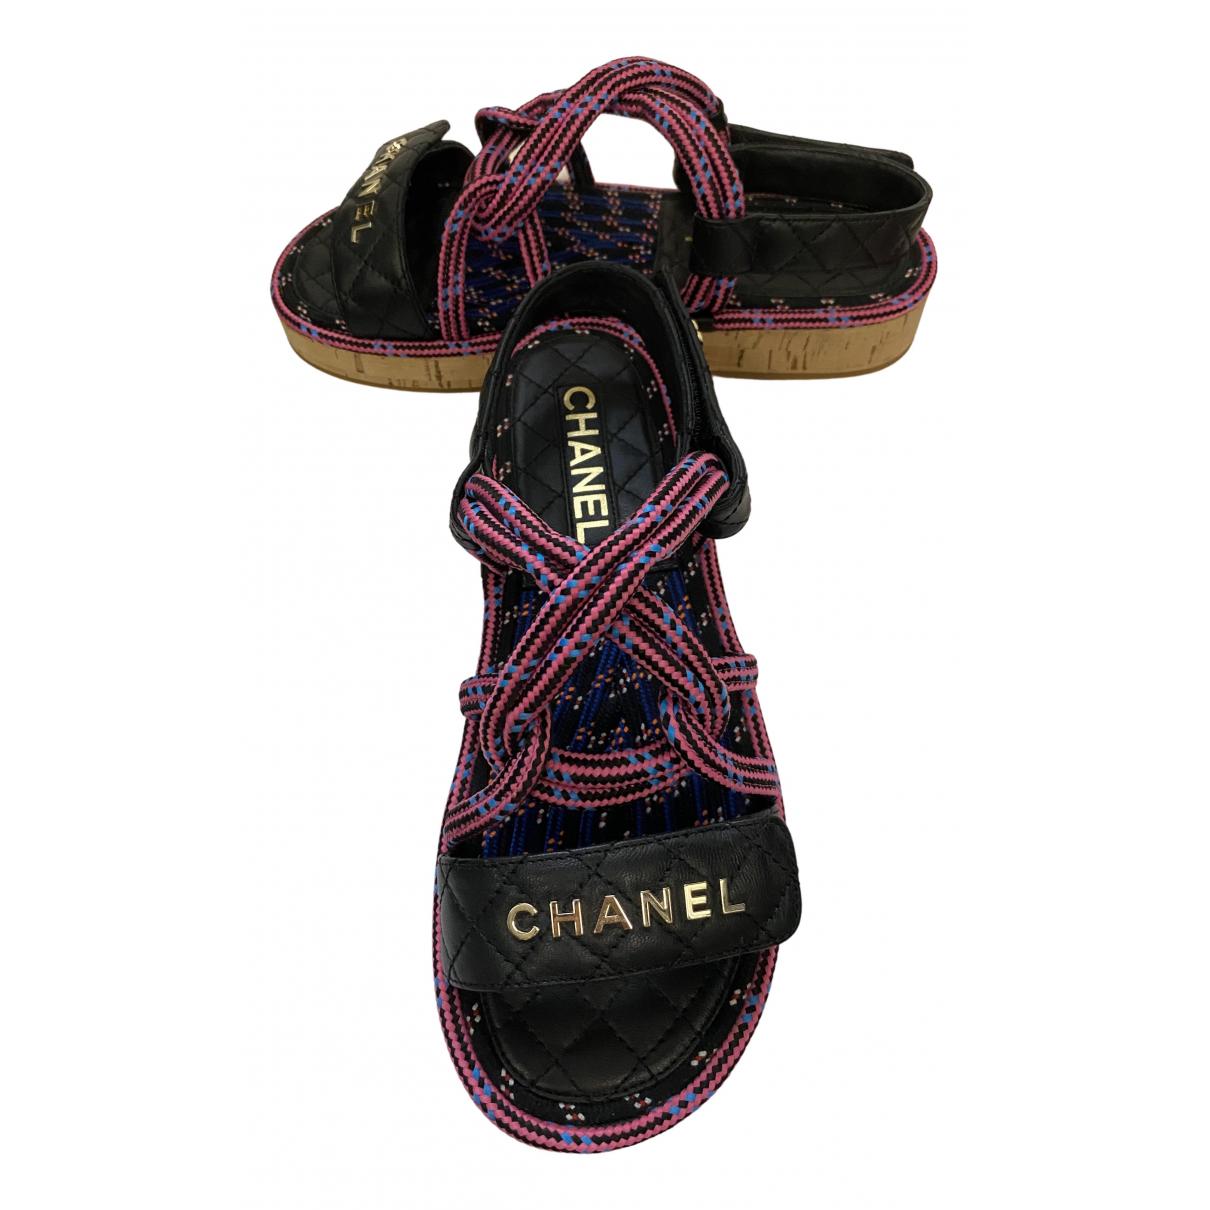 Chanel - Sandales Dad Sandals pour femme en cuir - noir